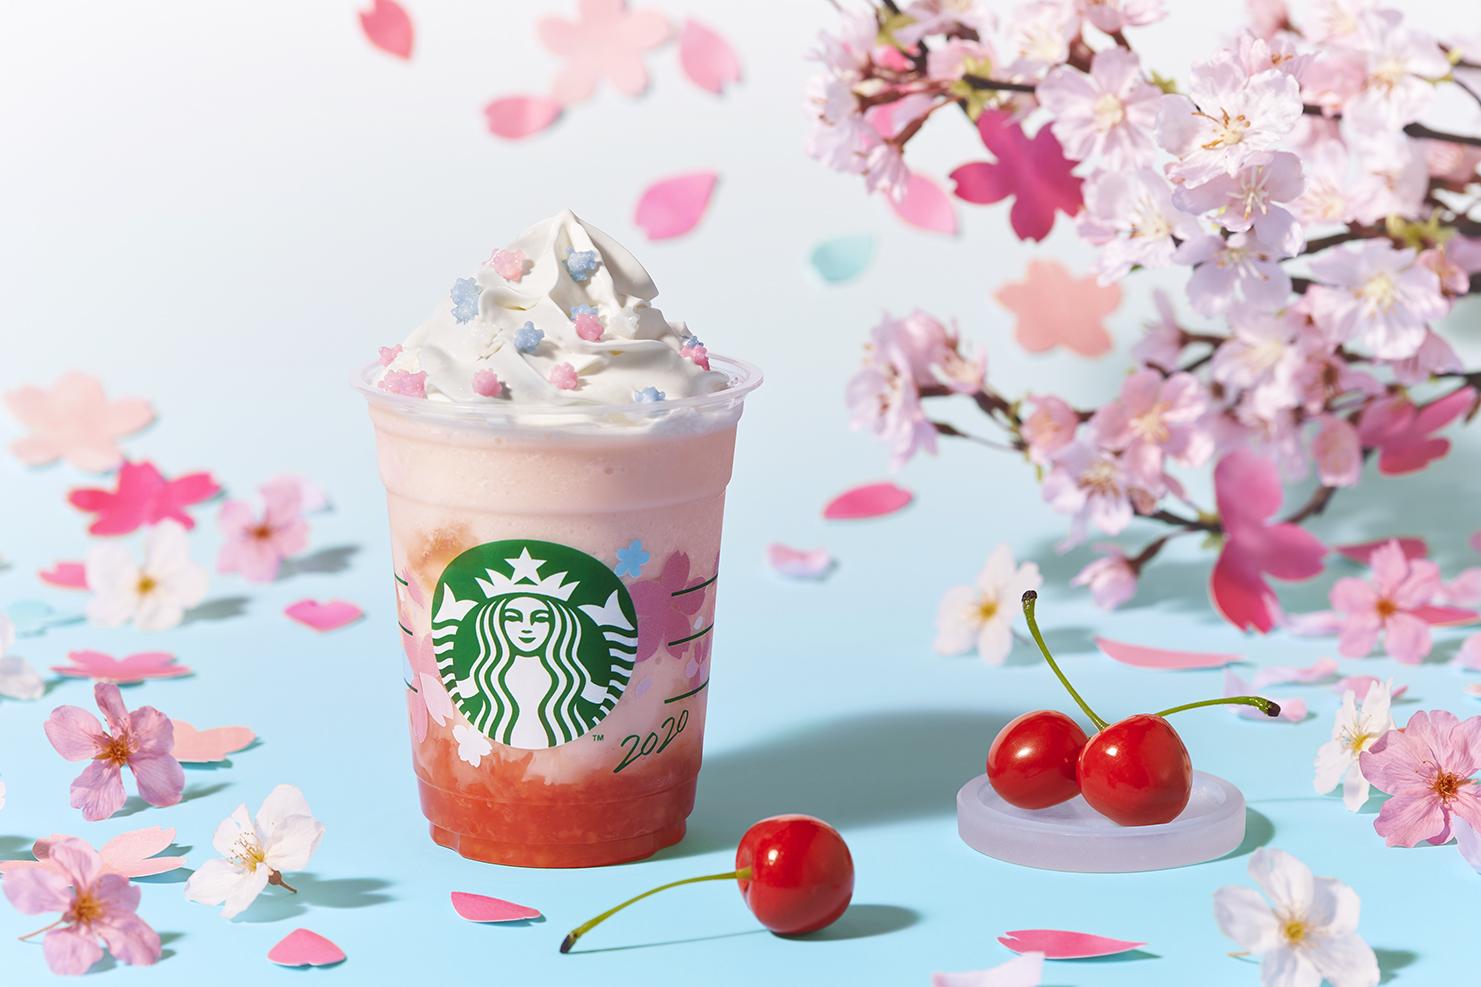 さくら さくらんぼ フラぺチーノSakura Cherry Frappuccino_樱花星冰樂